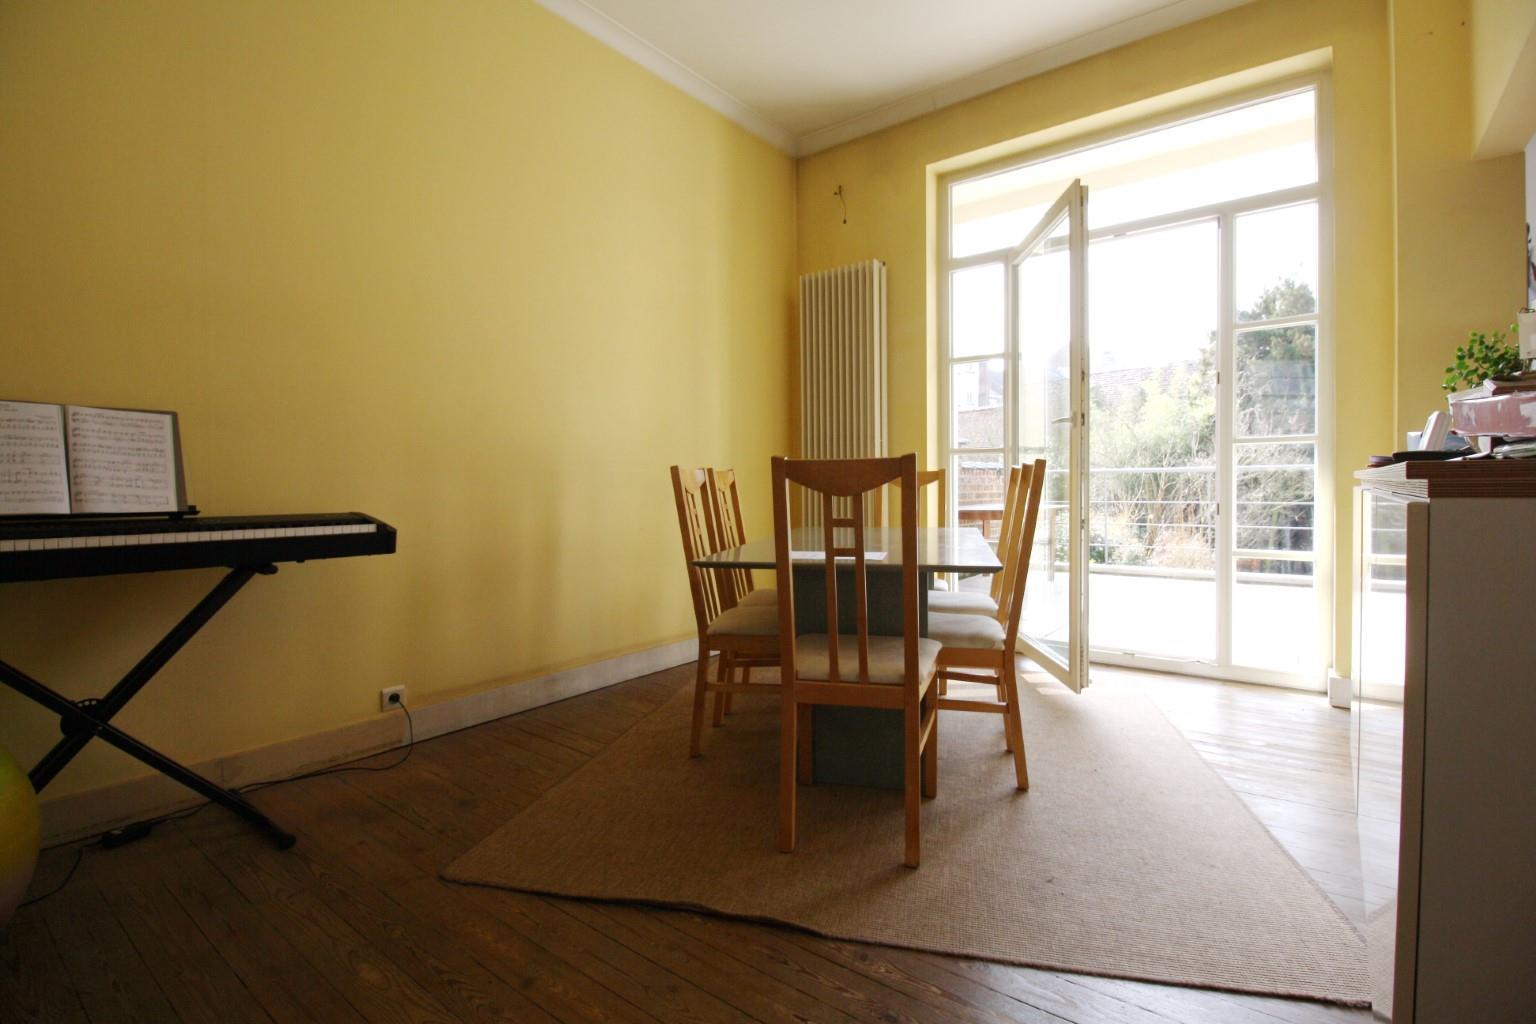 Maison - Berchem-Sainte-Agathe - #2305786-11